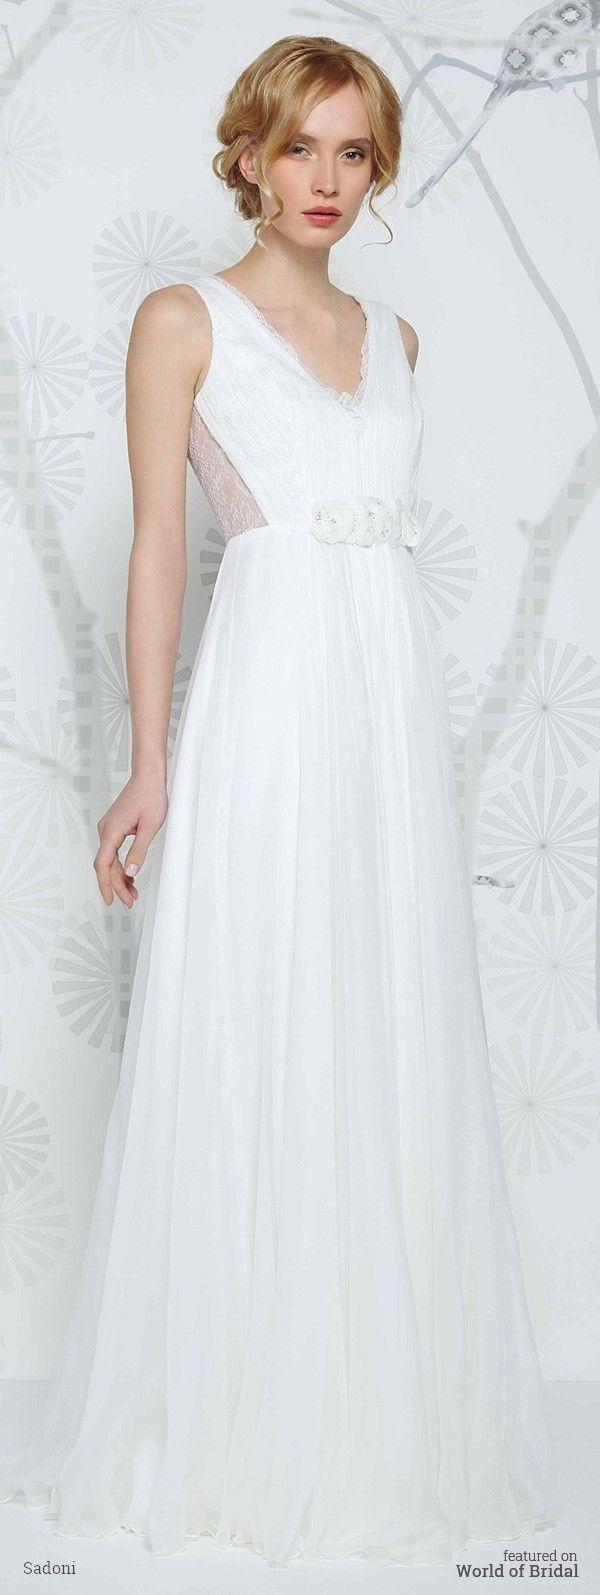 14 best Sadoni images on Pinterest | Hochzeitskleider, Brautkleid ...